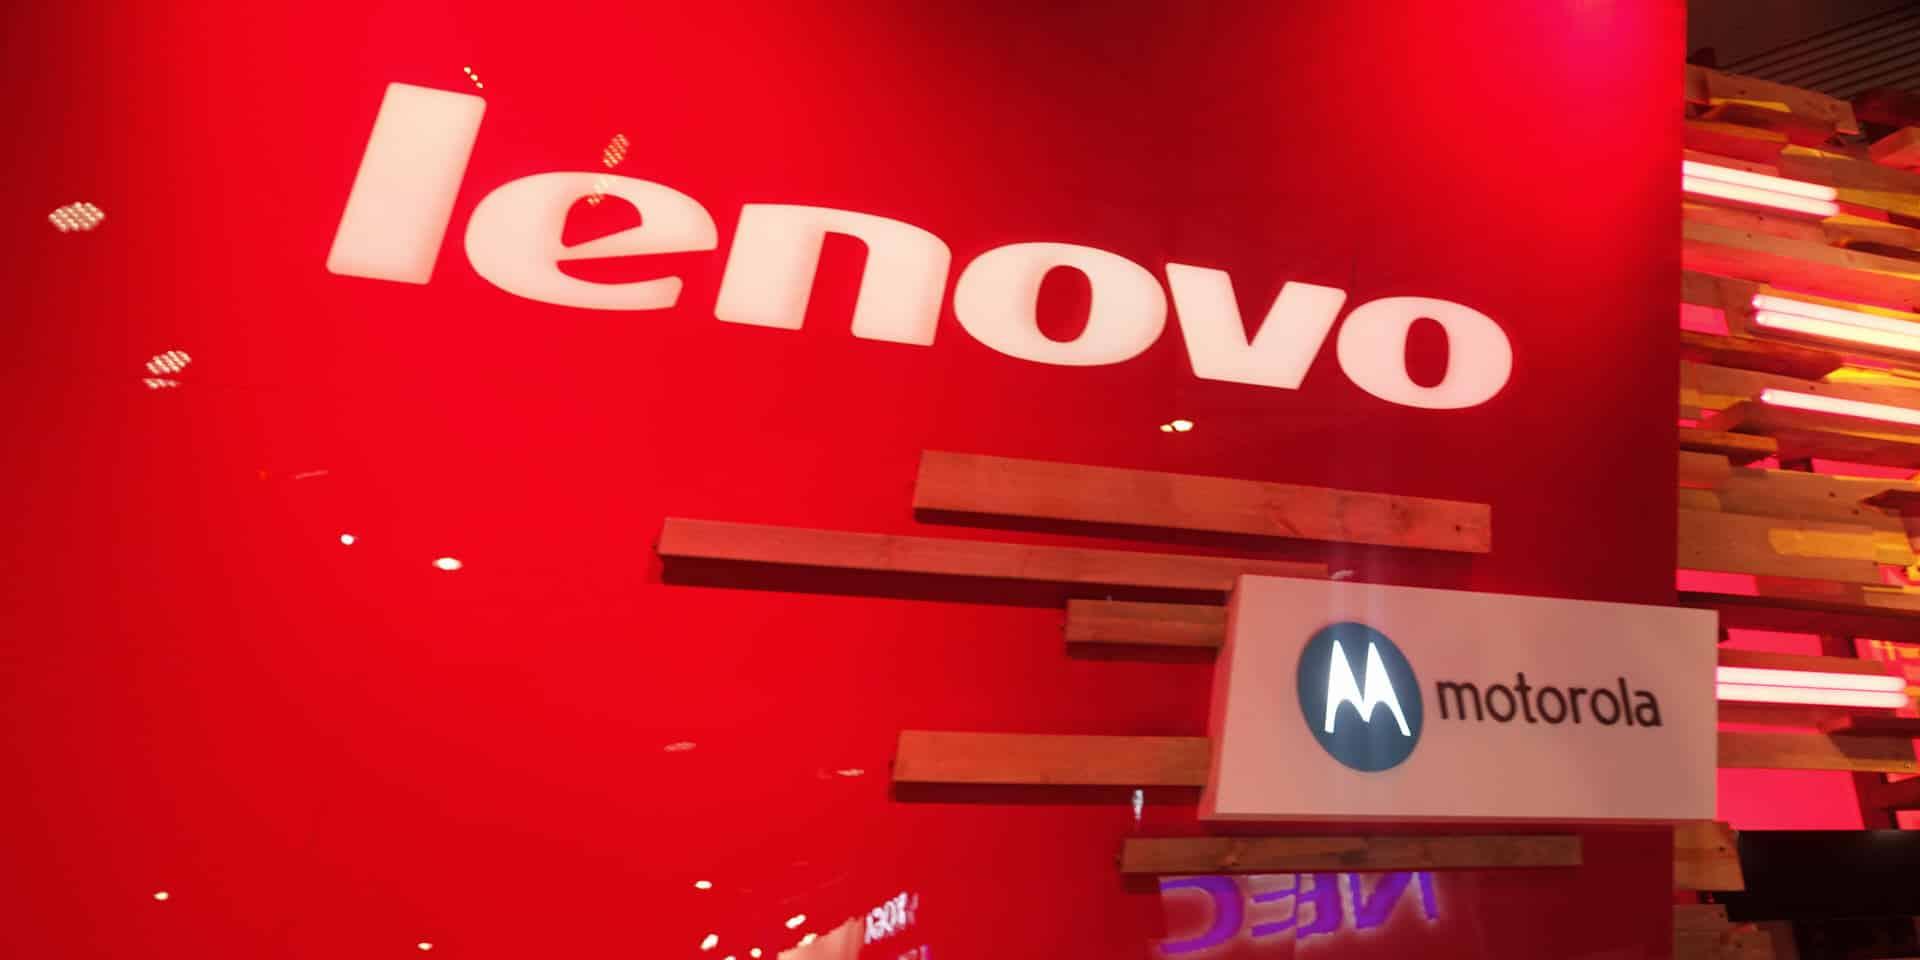 Lenovo-Motorola-Logo-AH1 موتورولا تجتاح الصين و تستعد لغزو الشرق الأوسط بدعم من لينوفو